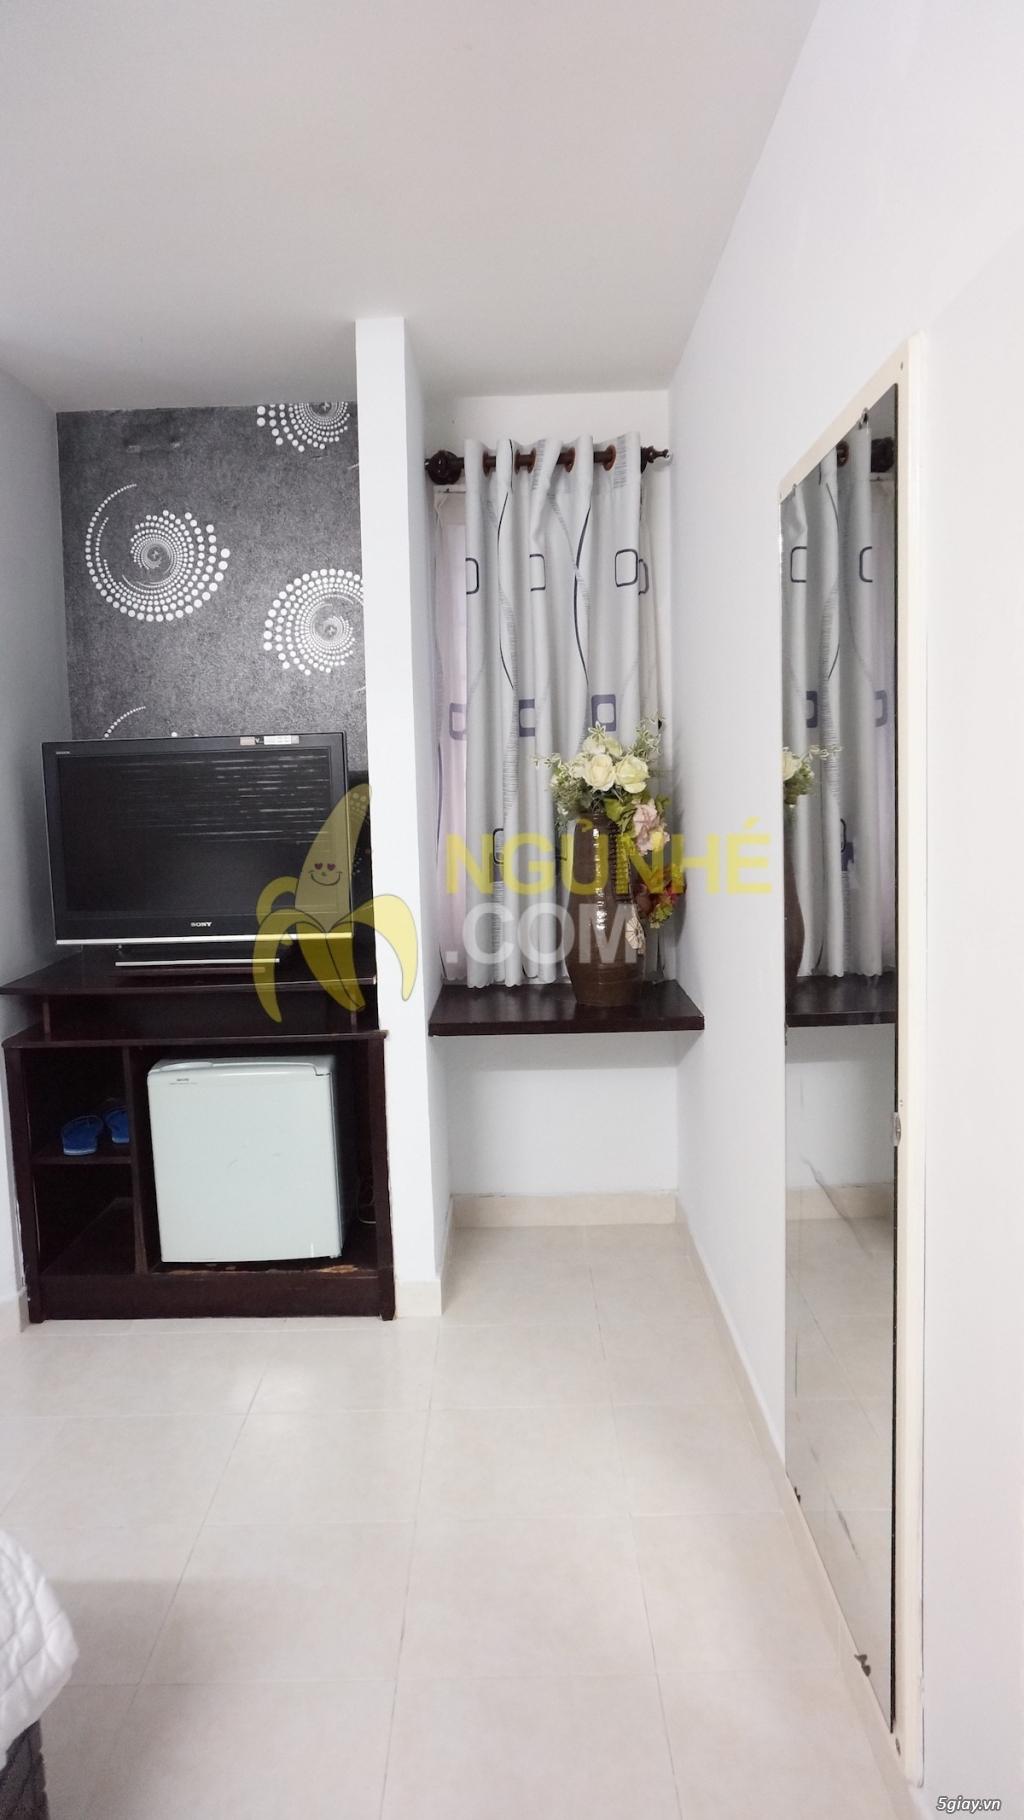 Khách sạn Hoàng Kim siêu khuyến mãi ở khu dân cư Trung Sơn - 11